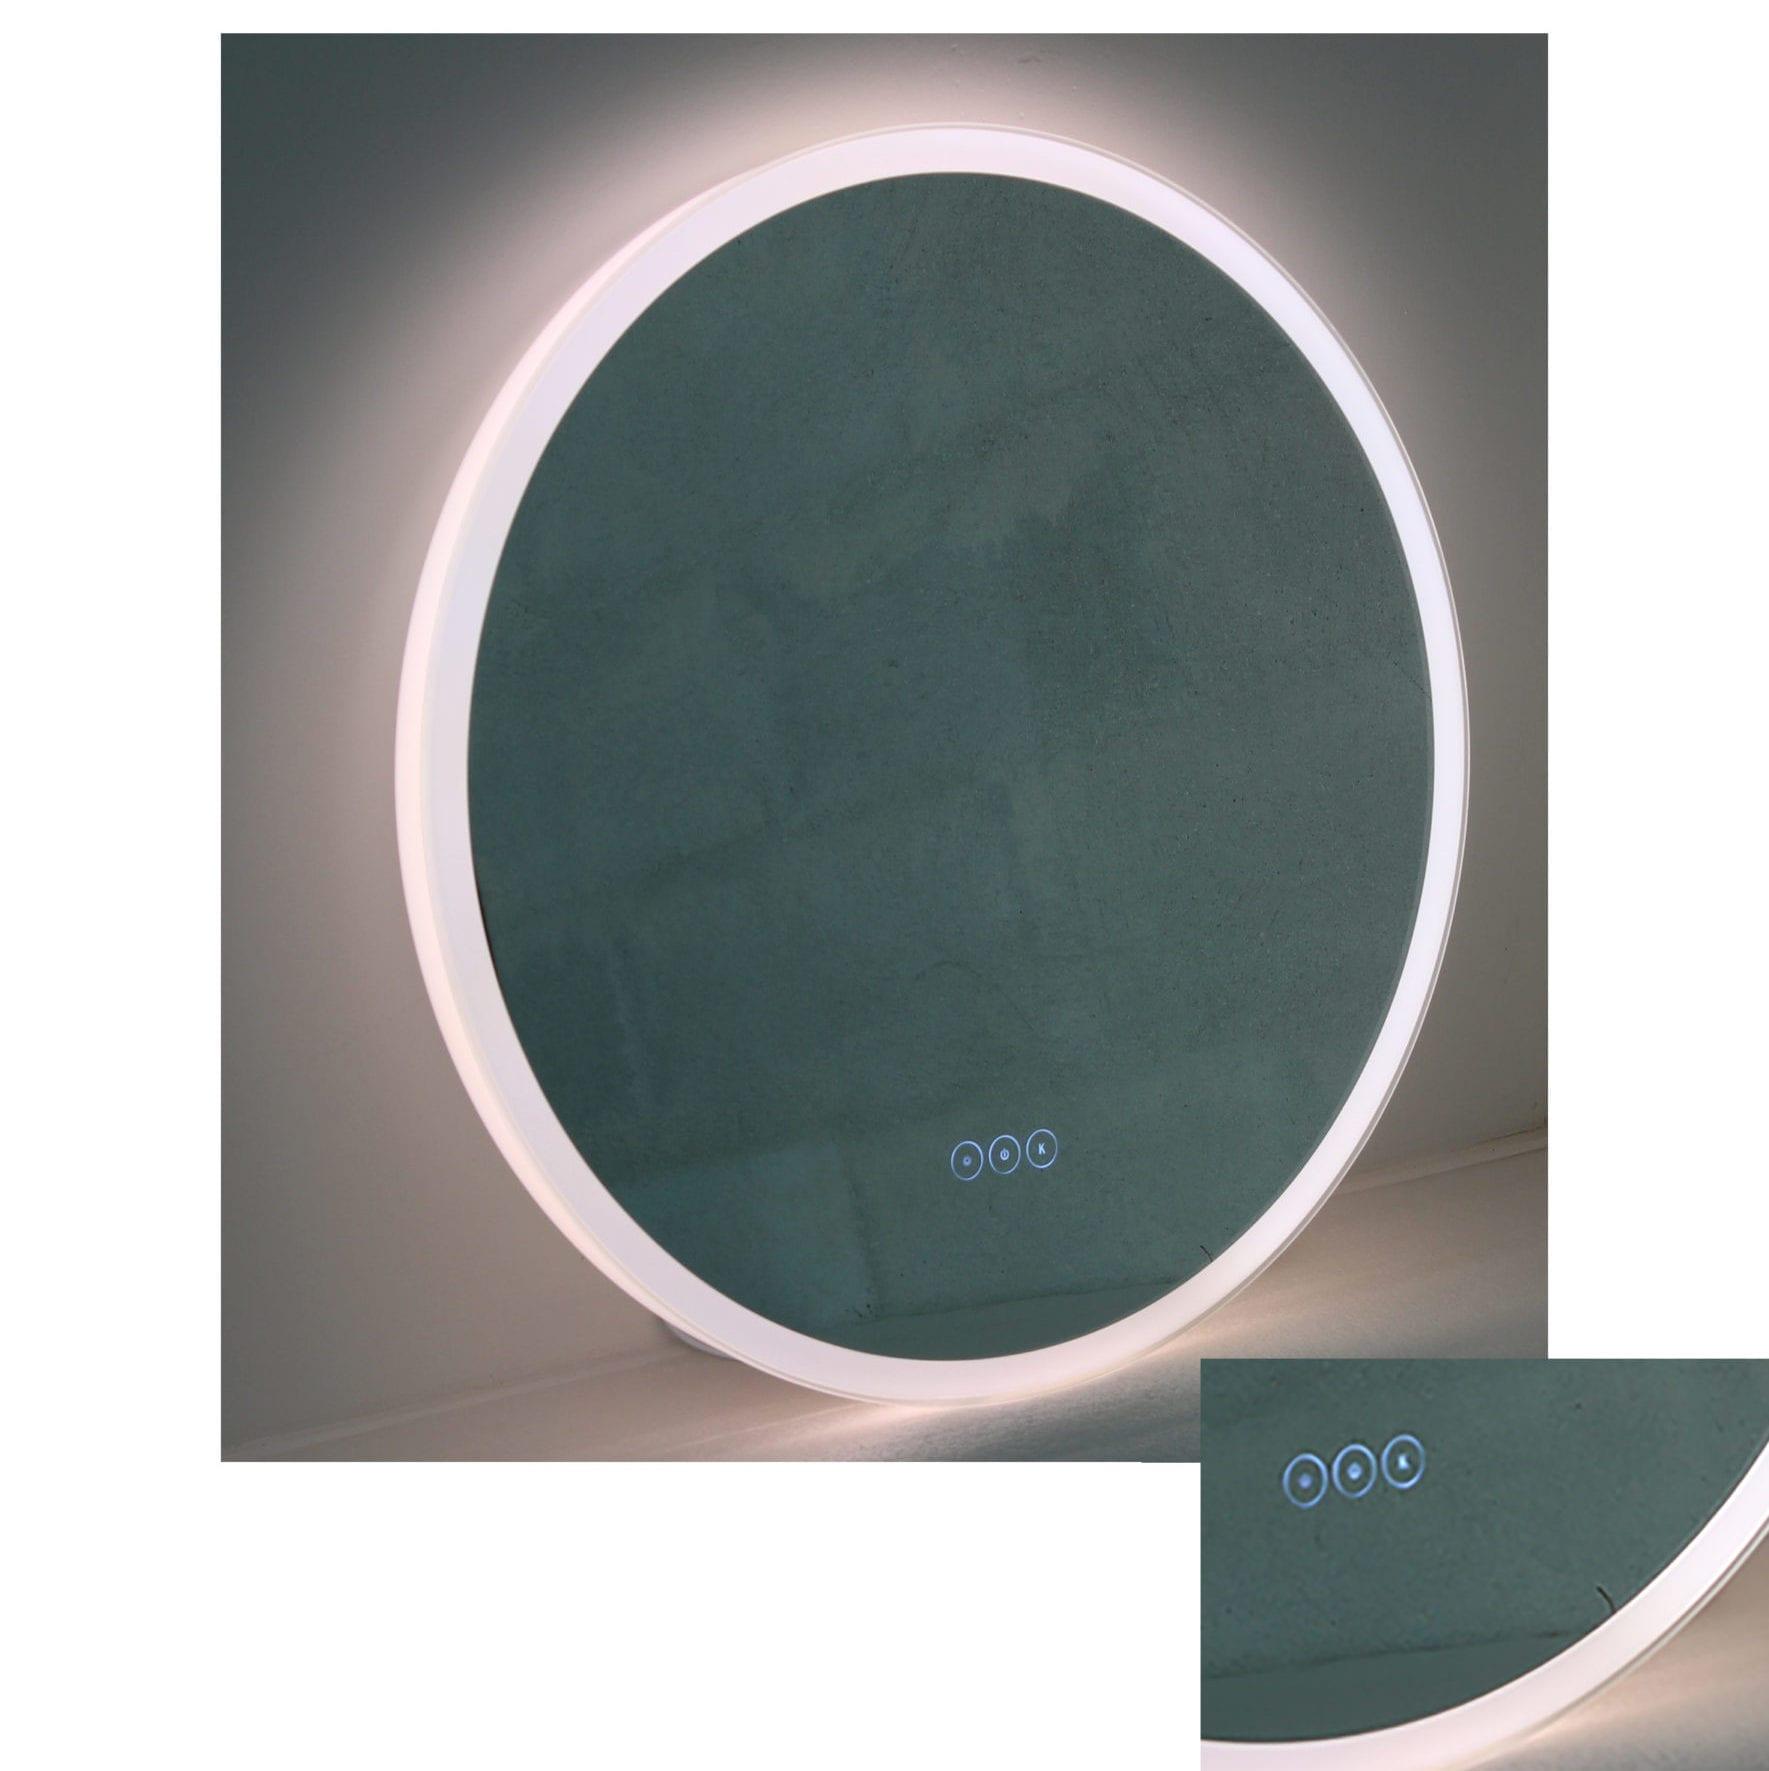 Baderomsspeil Johannesburg MultiWhite® 600mm